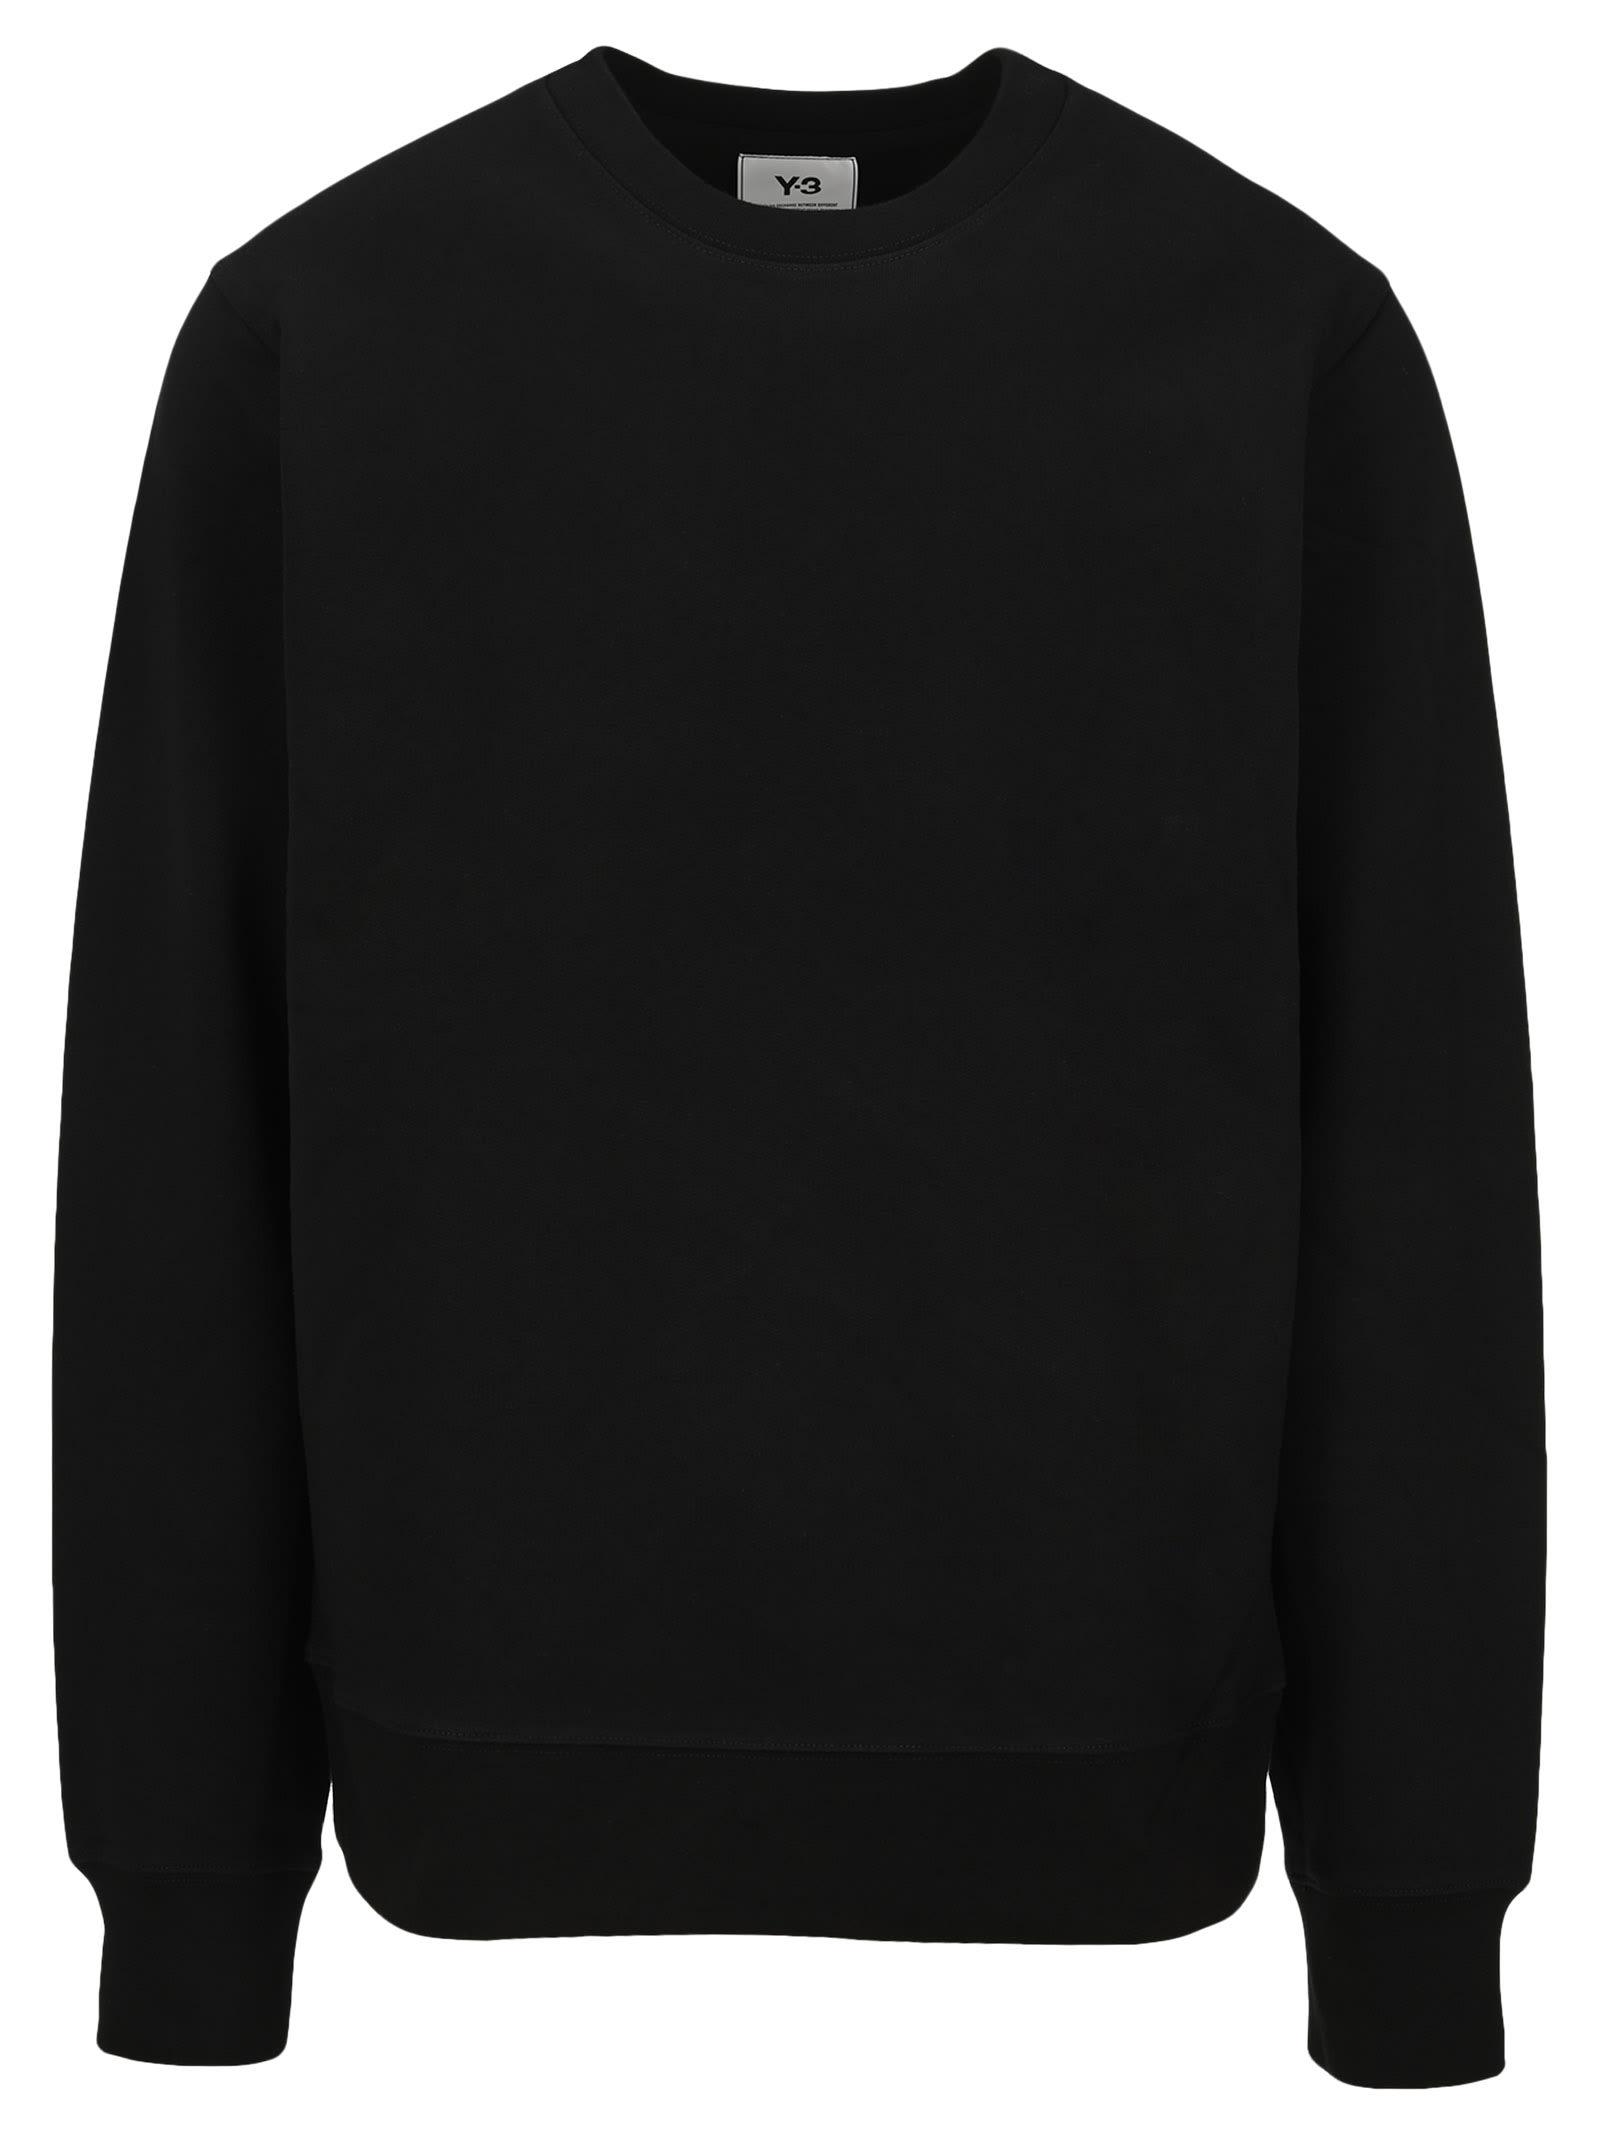 Adidas Y3 Logo Sweatshirt